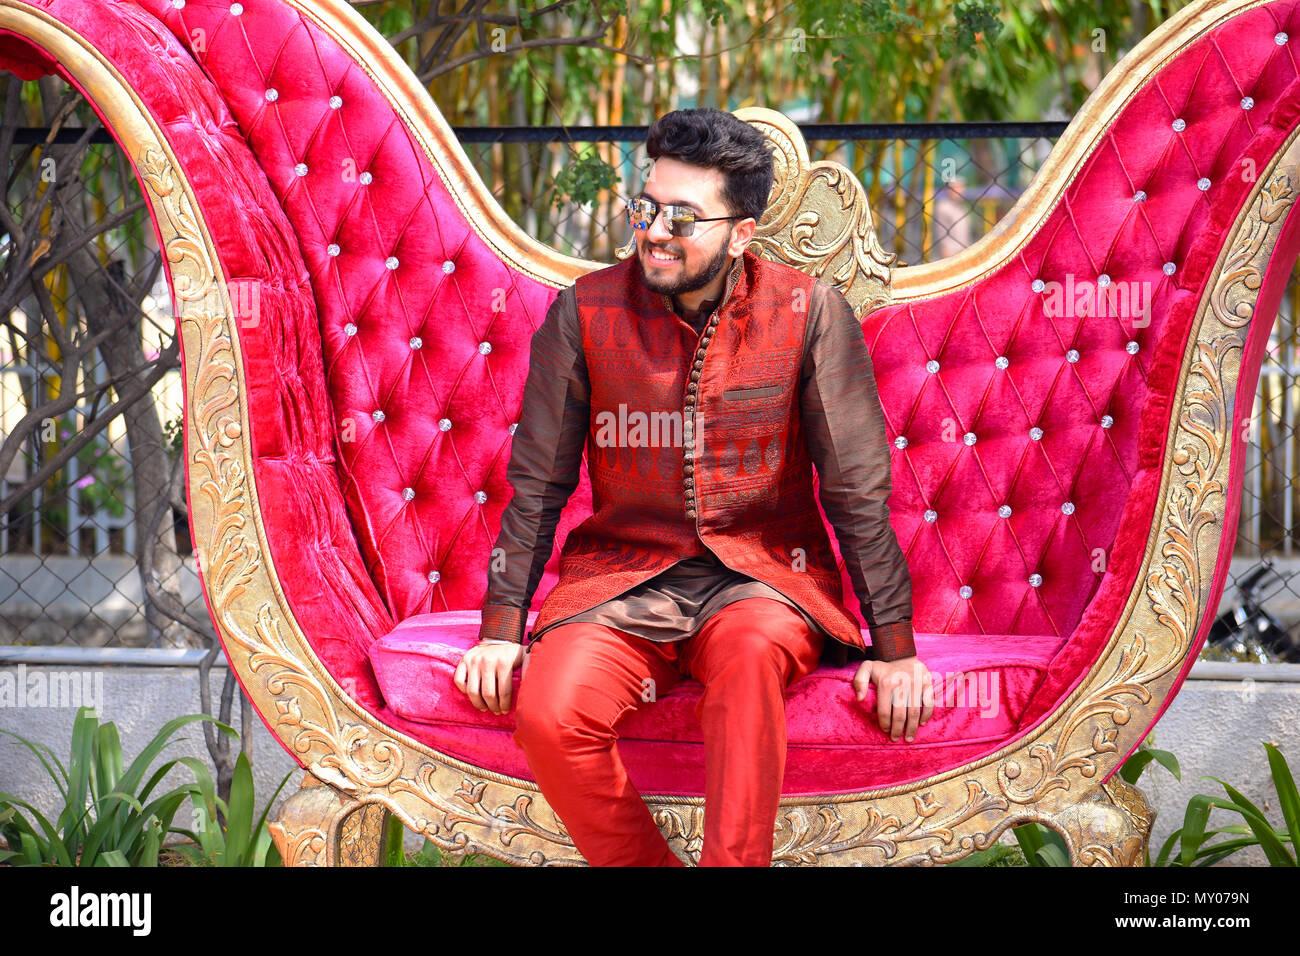 Der Junge Mann In Der Indischen Hochzeit Kleidung Auf Dem Sofa Pune